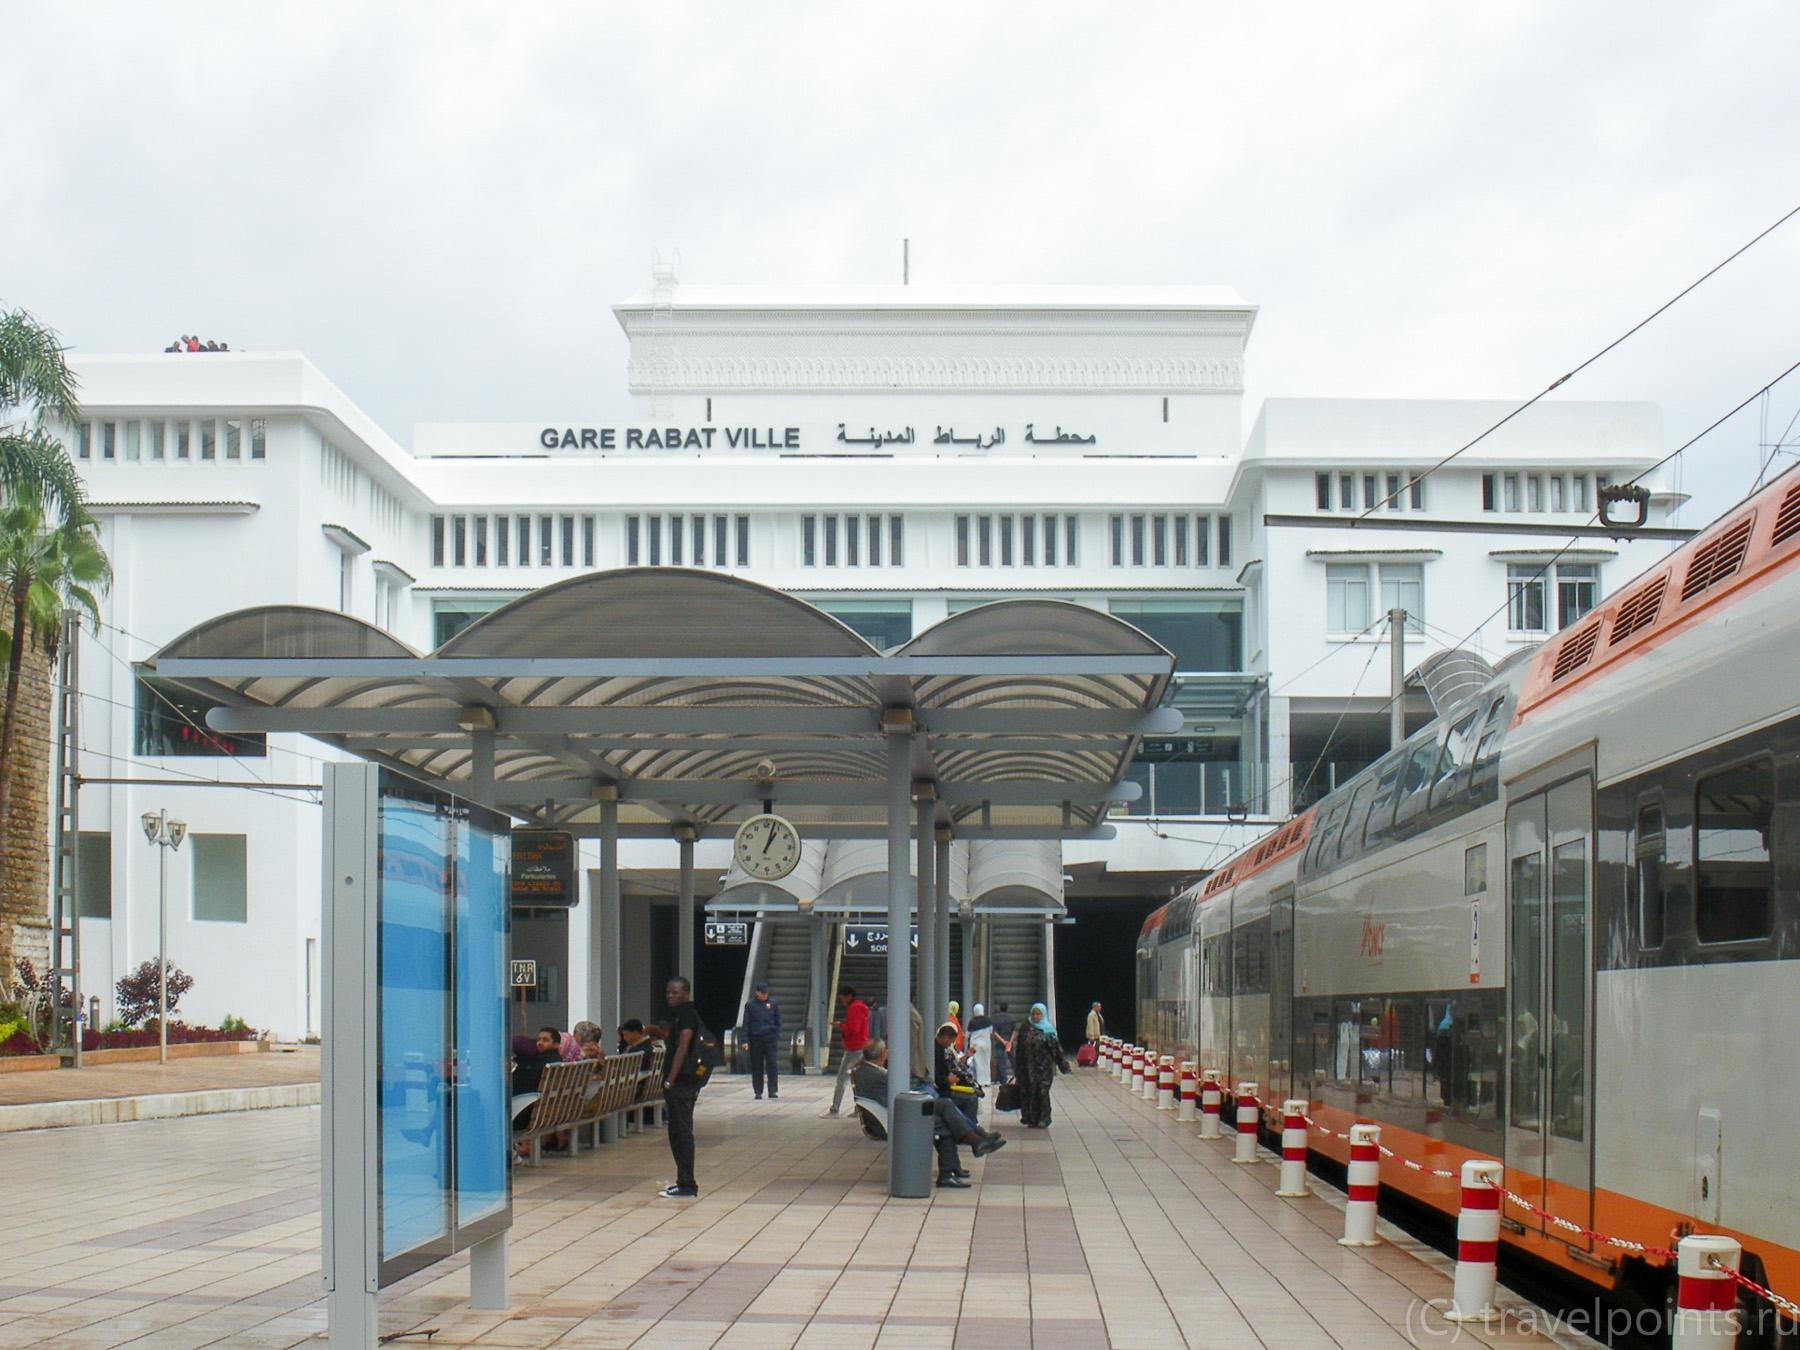 ЖД вокзал в Рабате